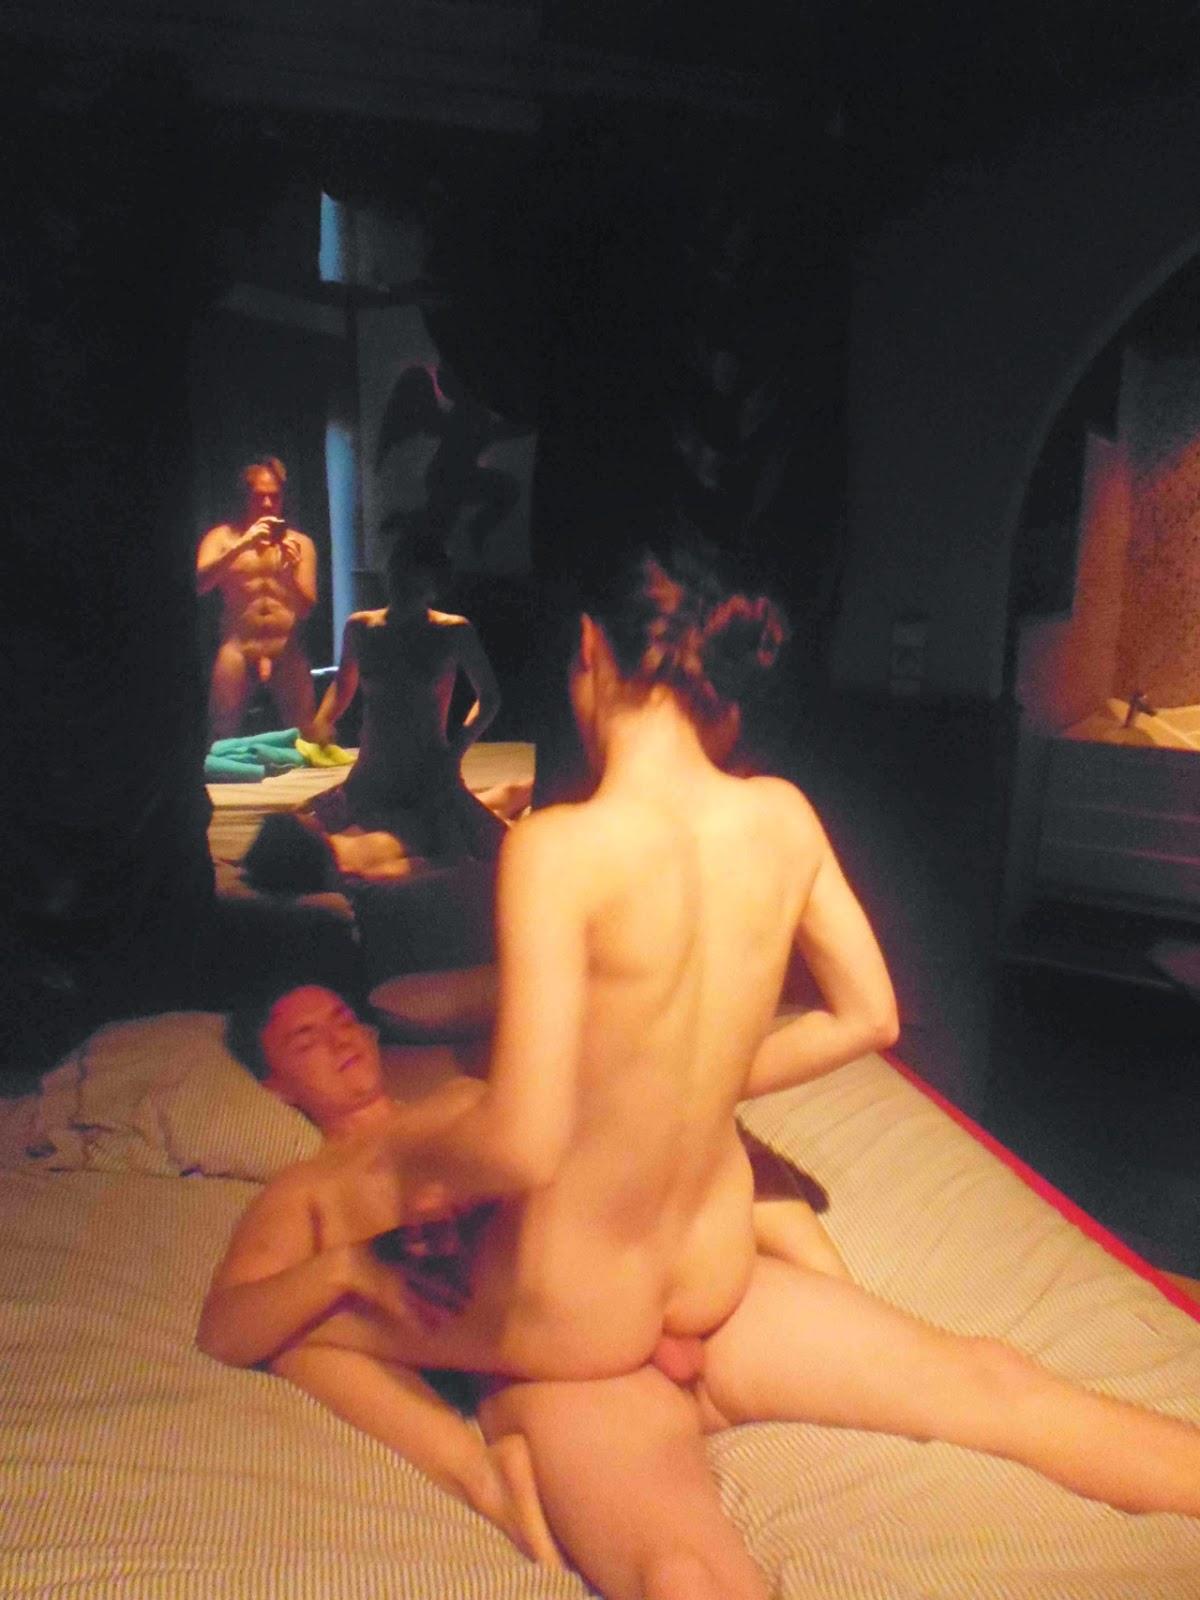 I want sex videos